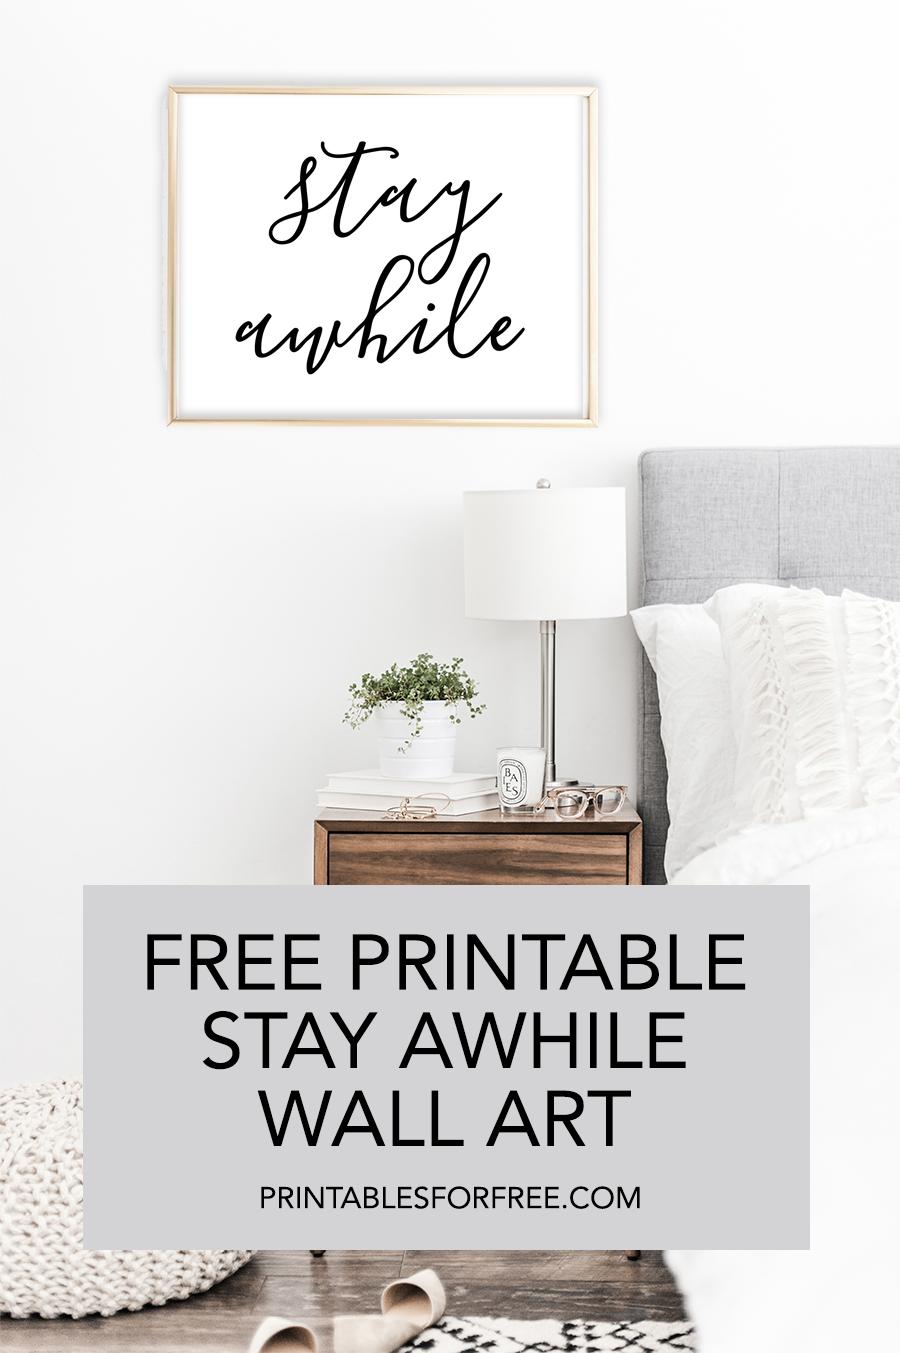 Stay Awhile Printable Wall Art